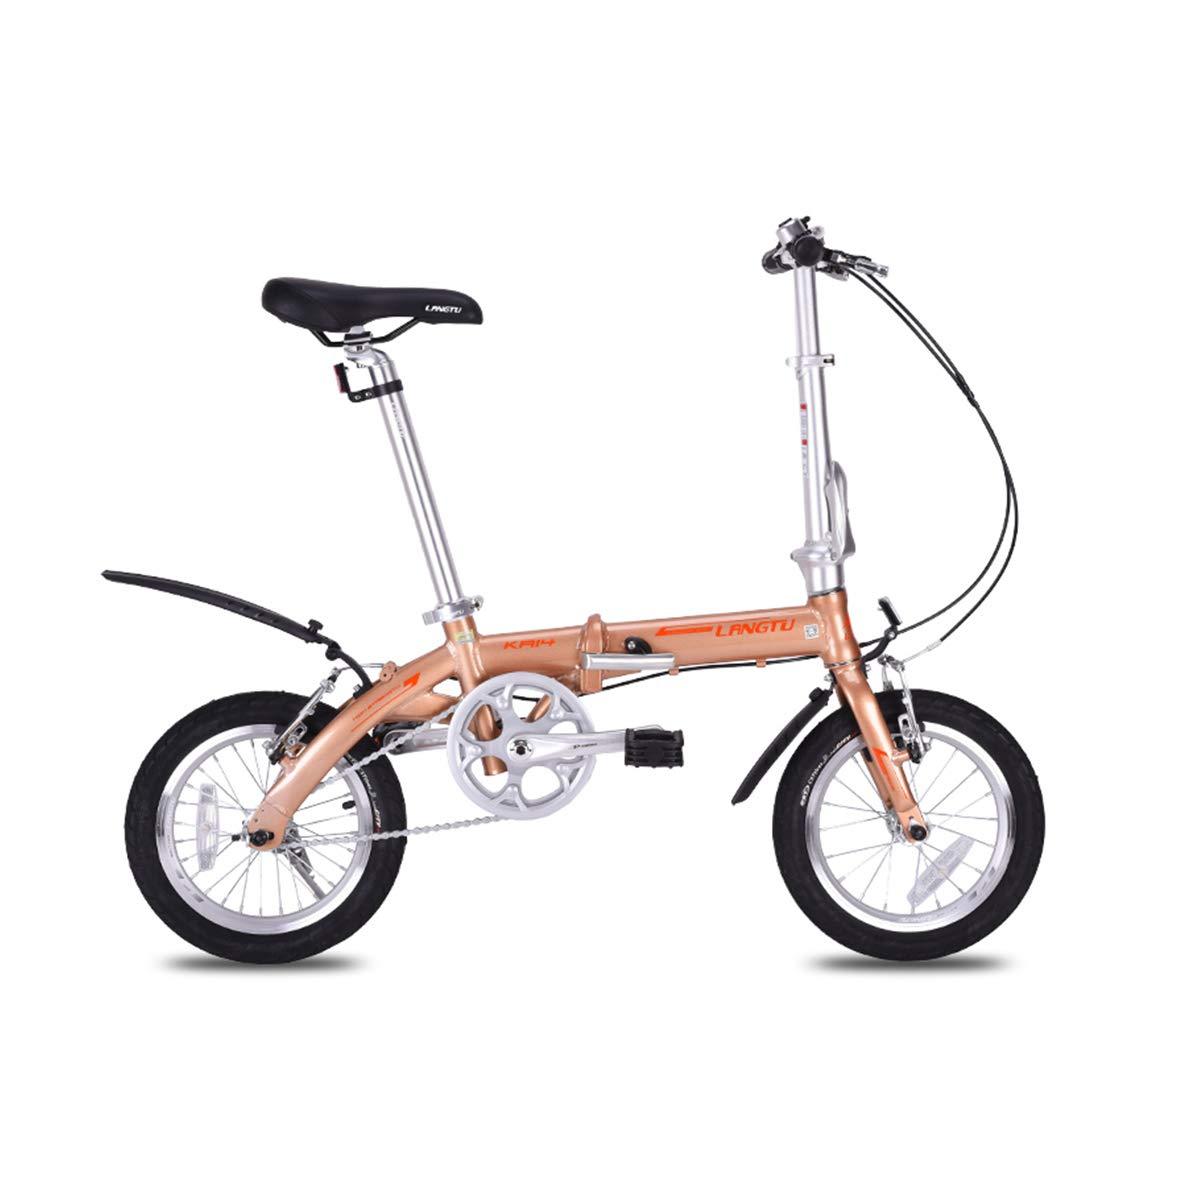 YCHSG Bicicleta Plegable Bicicleta de aleación de Aluminio 412 ...